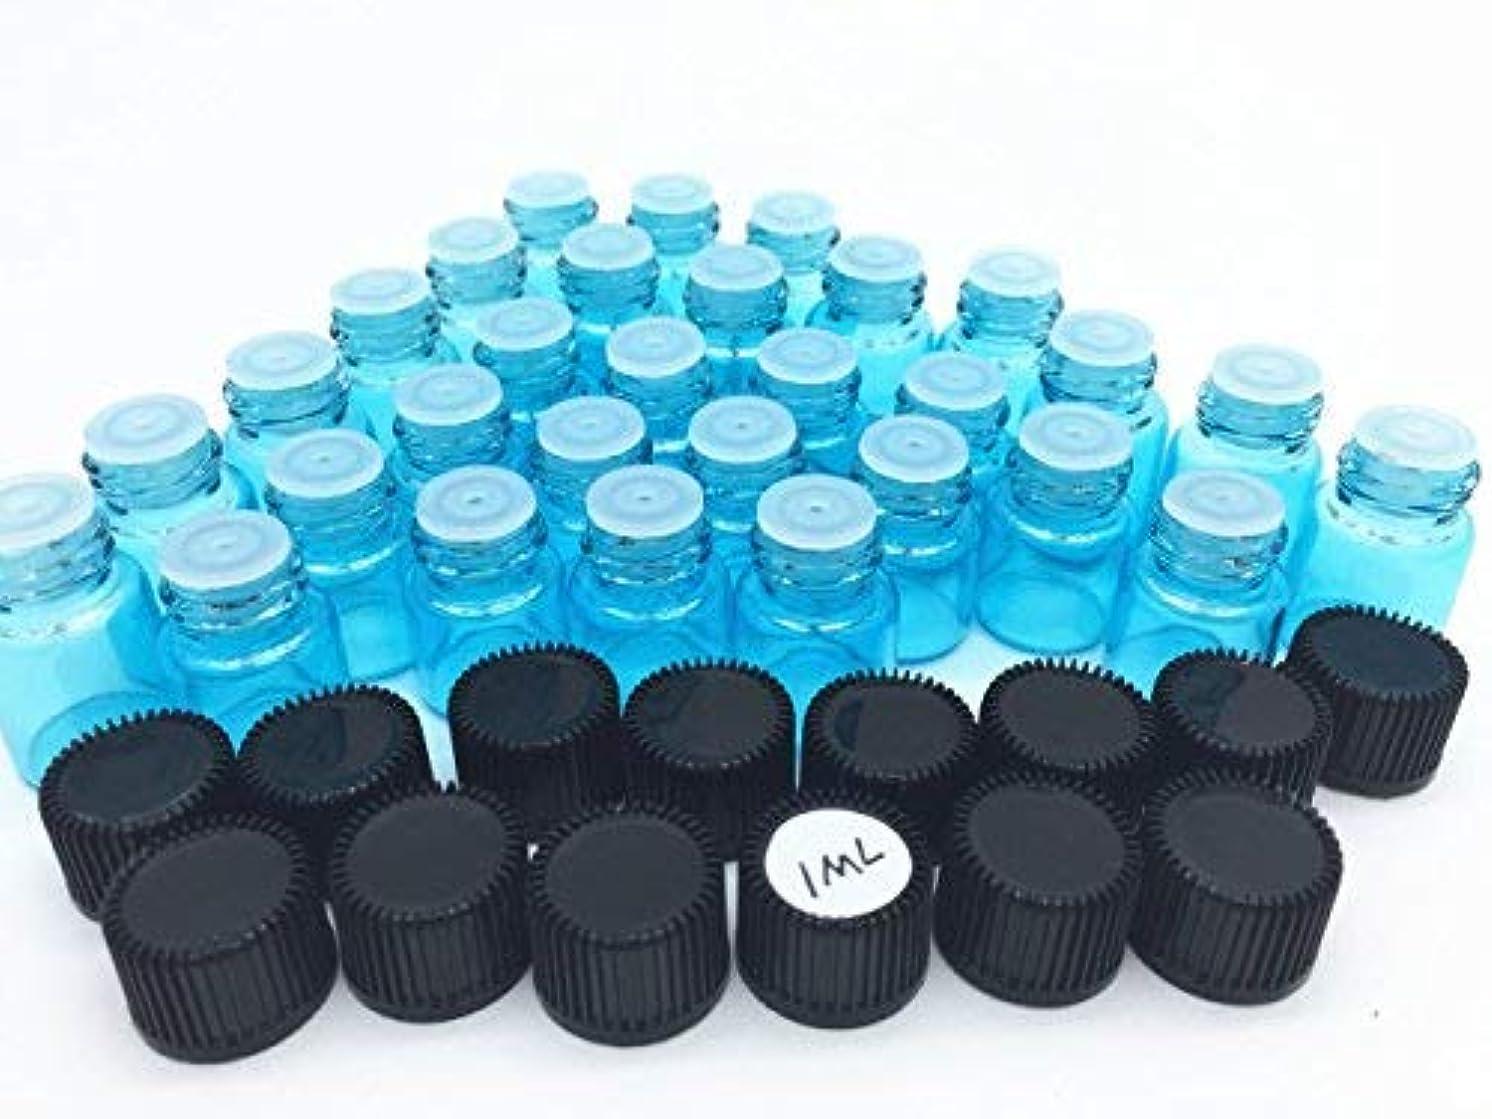 精度リーチ重要な役割を果たす、中心的な手段となるElufly 100pc 1ML/2ML Sky Blue Glass Vials 6 Parts Essential Oil Reagent Bottles (100pc 1ML) [並行輸入品]